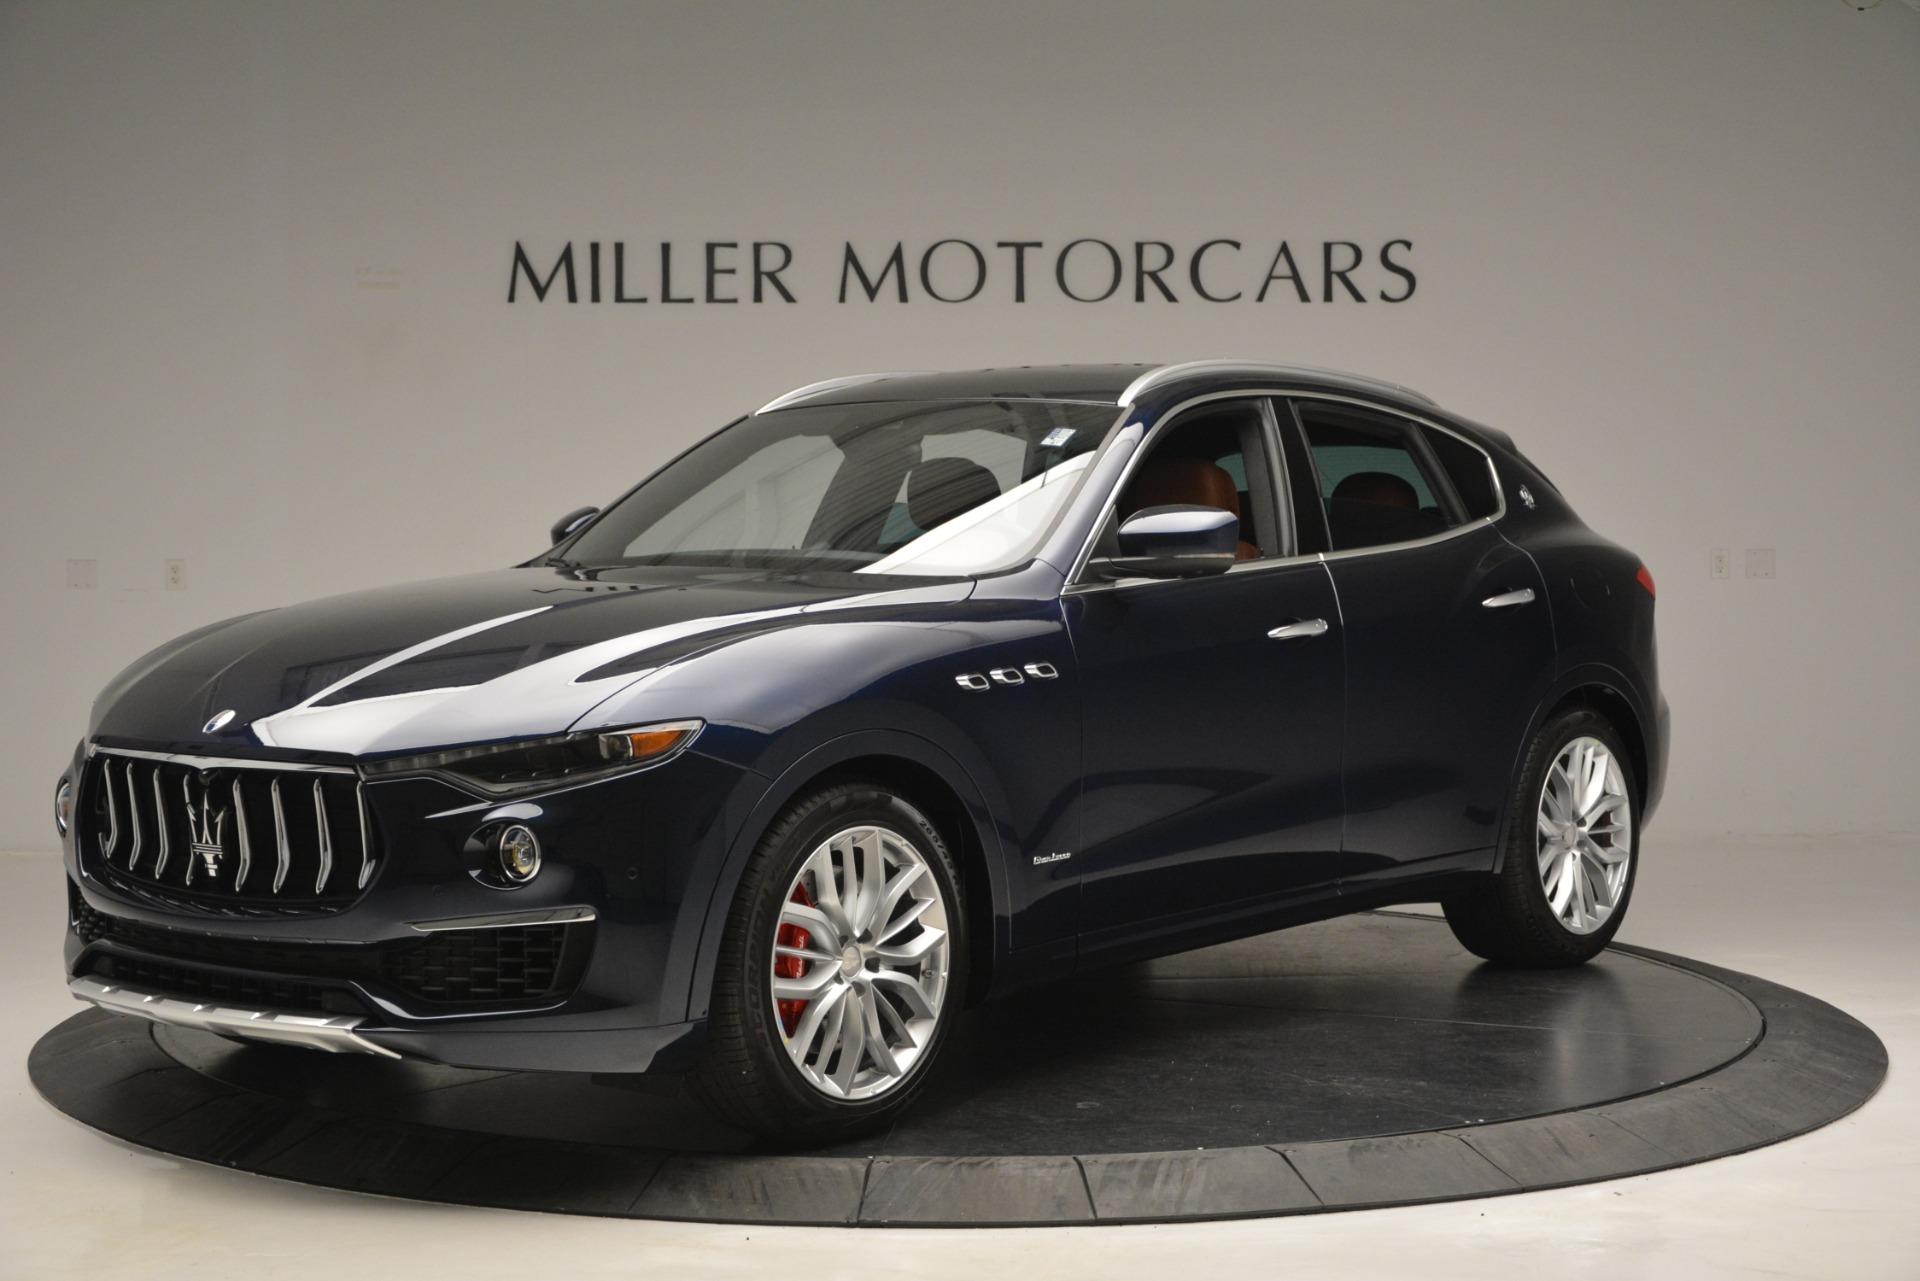 New 2019 Maserati Levante S Q4 GranLusso For Sale In Greenwich, CT. Alfa Romeo of Greenwich, W663 2868_p2